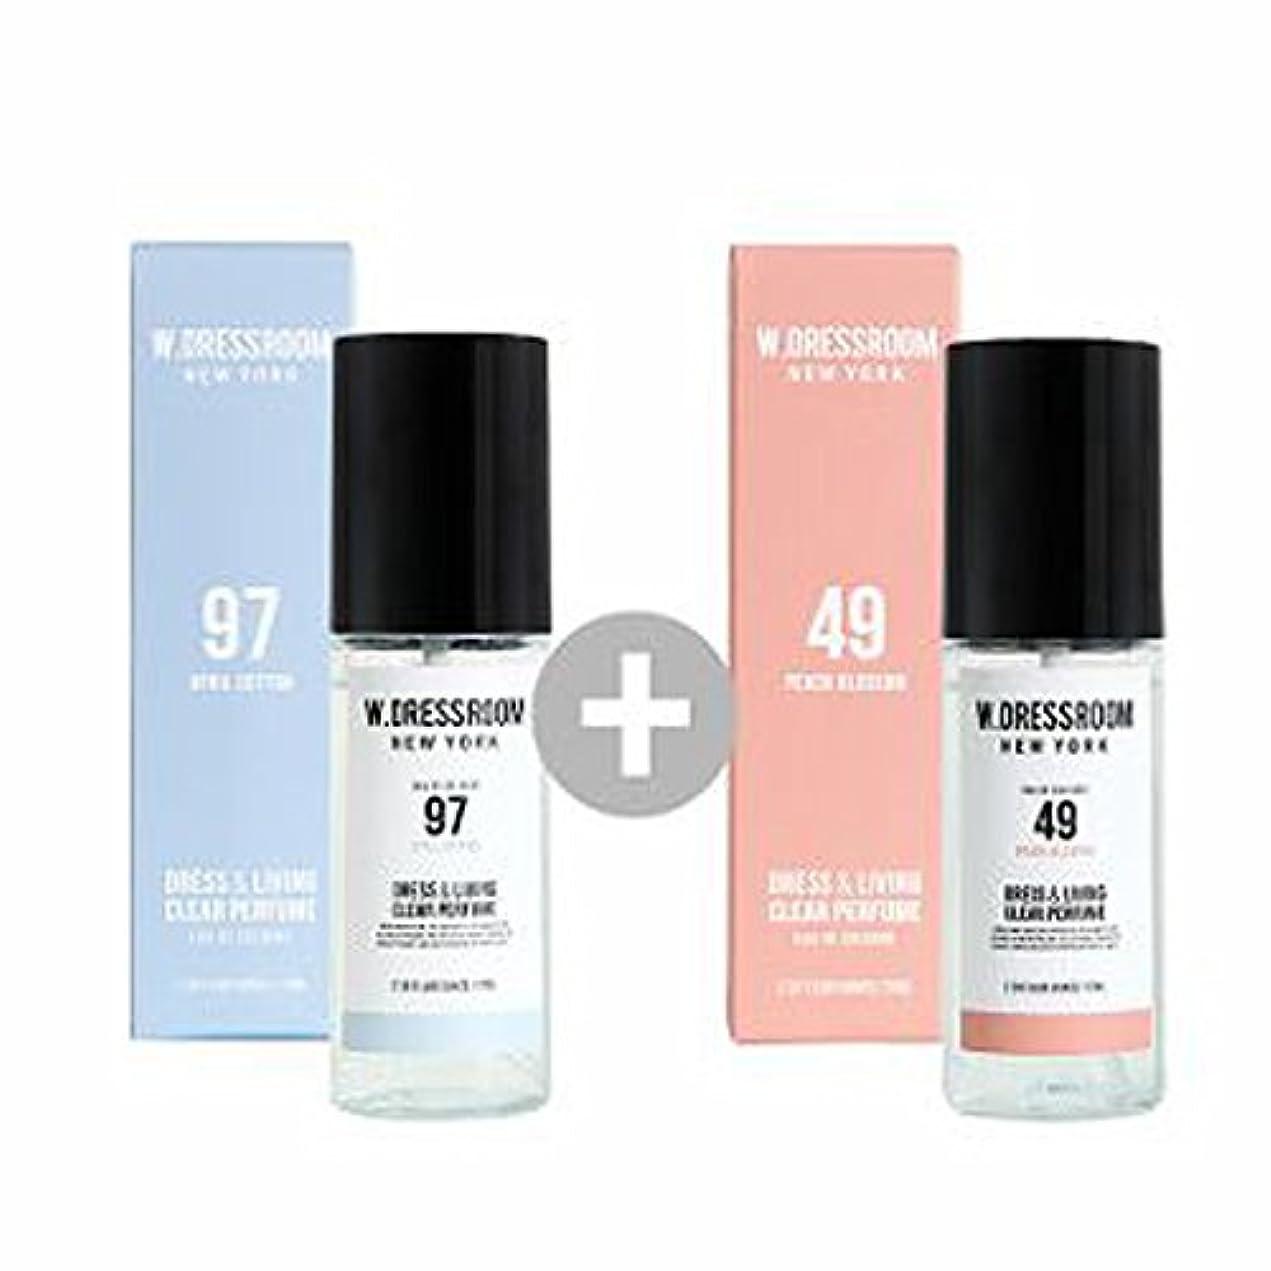 拒絶大型トラック形状W.DRESSROOM Dress & Living Clear Perfume 70ml(No 97 April Cotton)+(No 49 Peach Blossom)